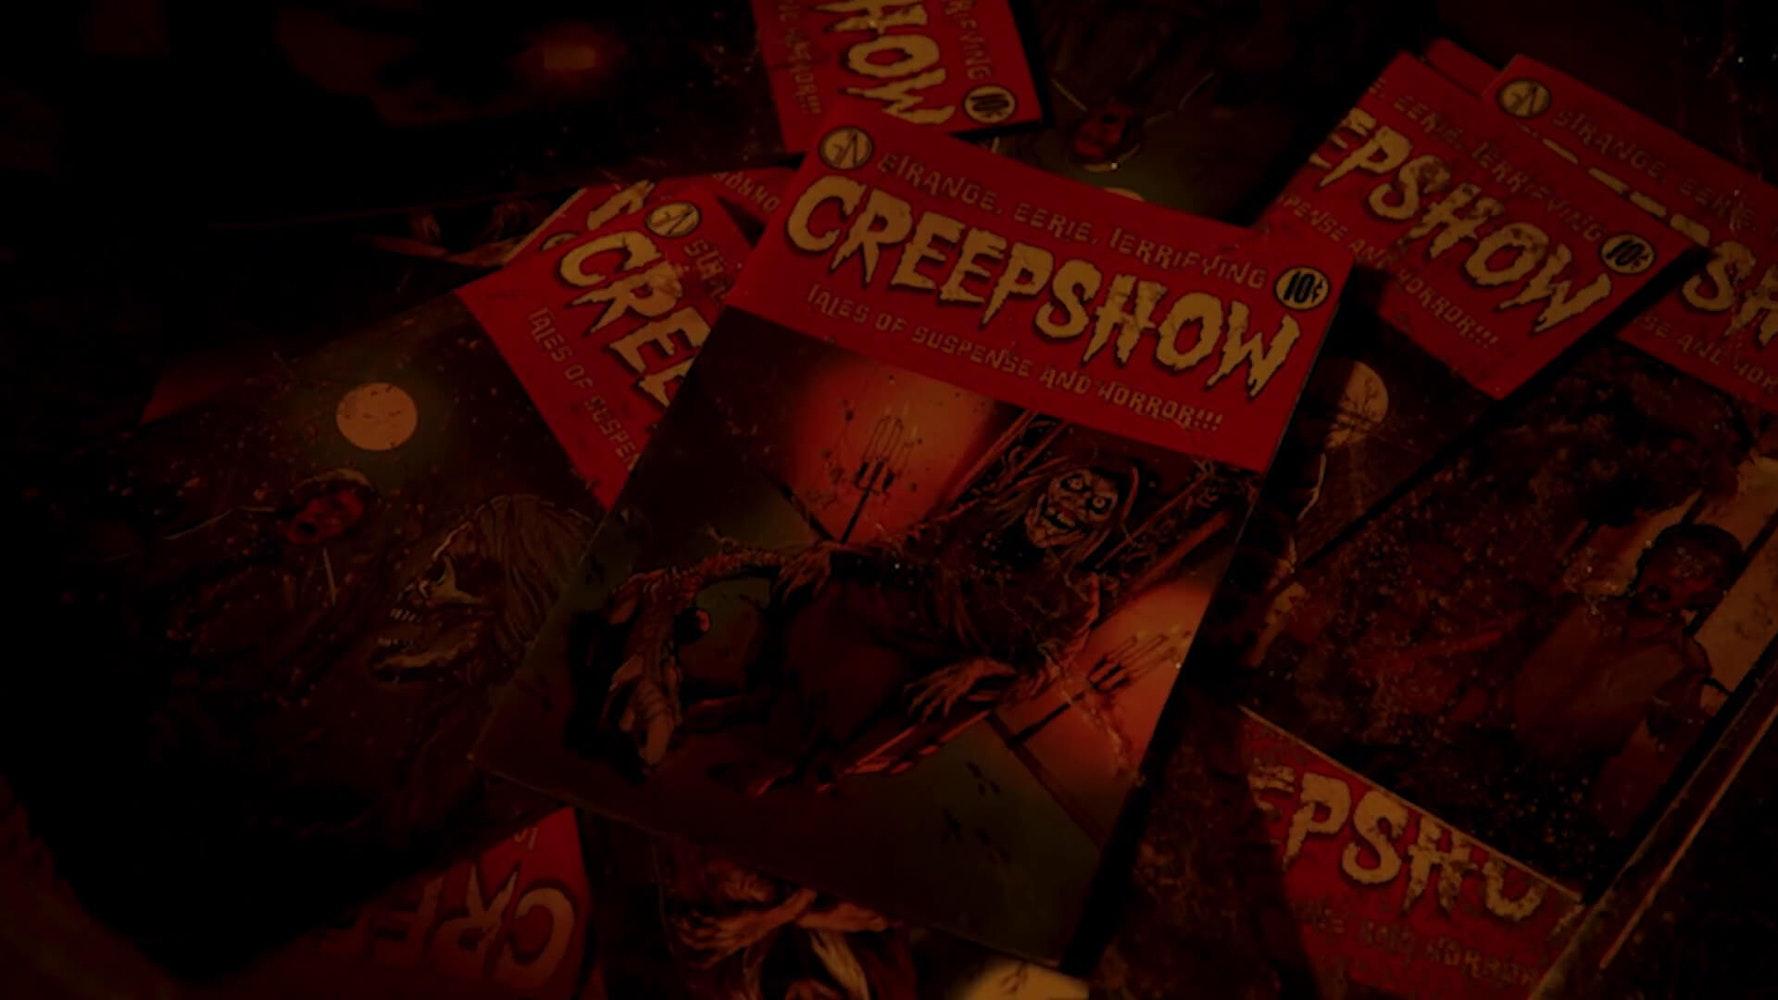 creepshow cast